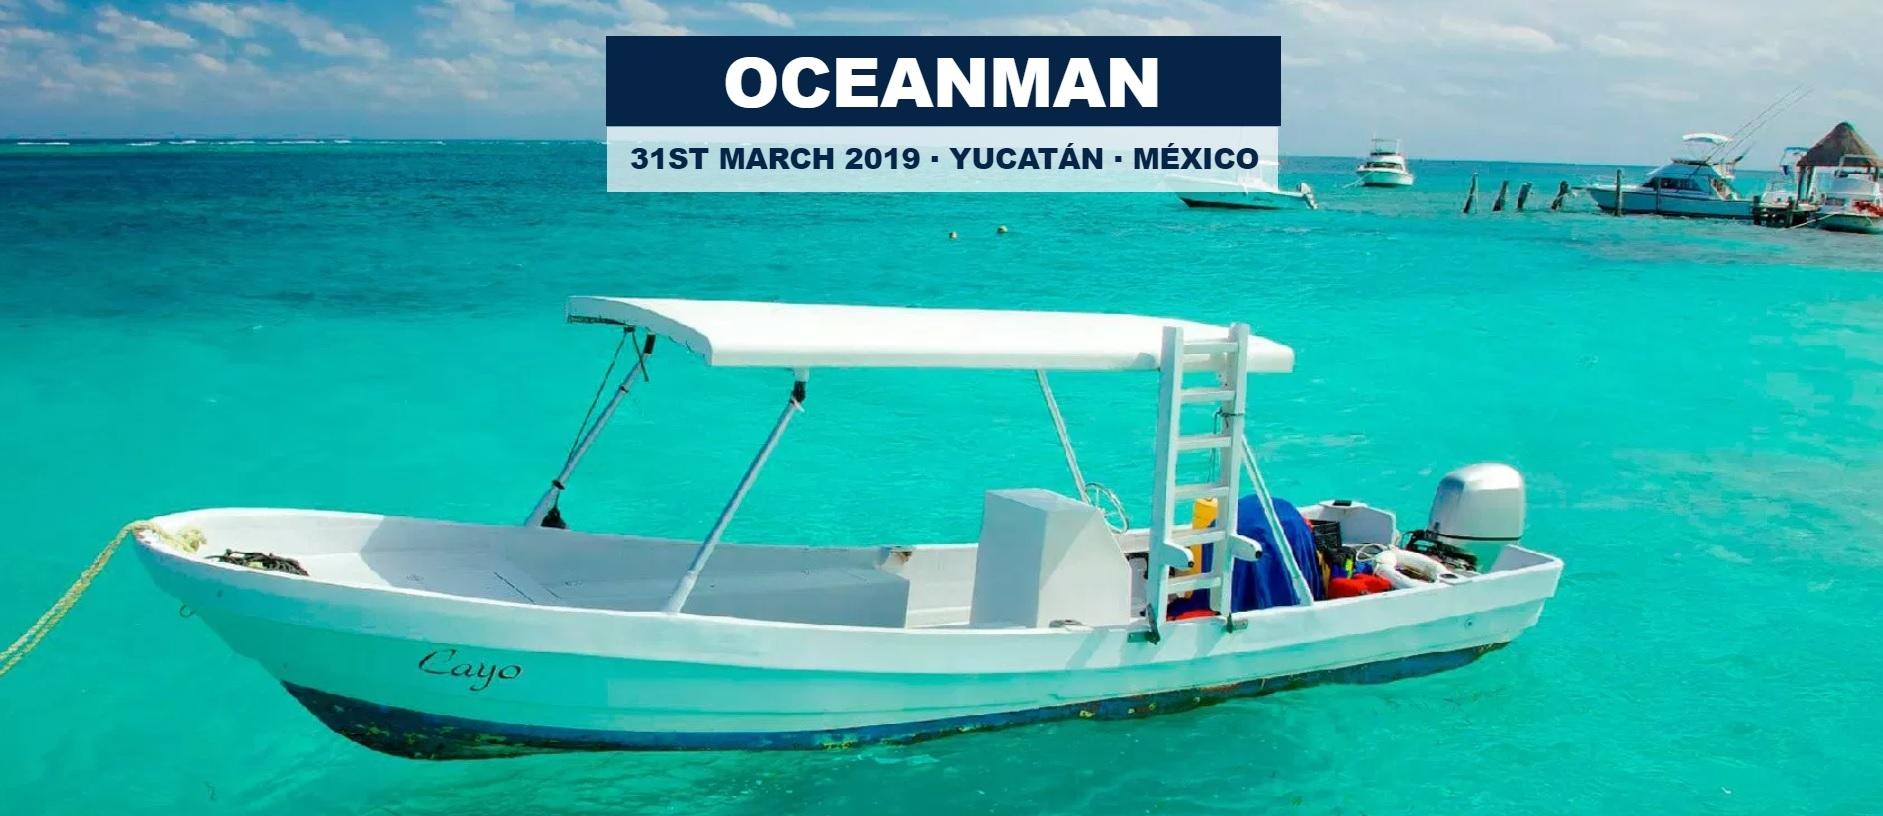 OCEANMAN YUCATÁN - MEXICO 2019